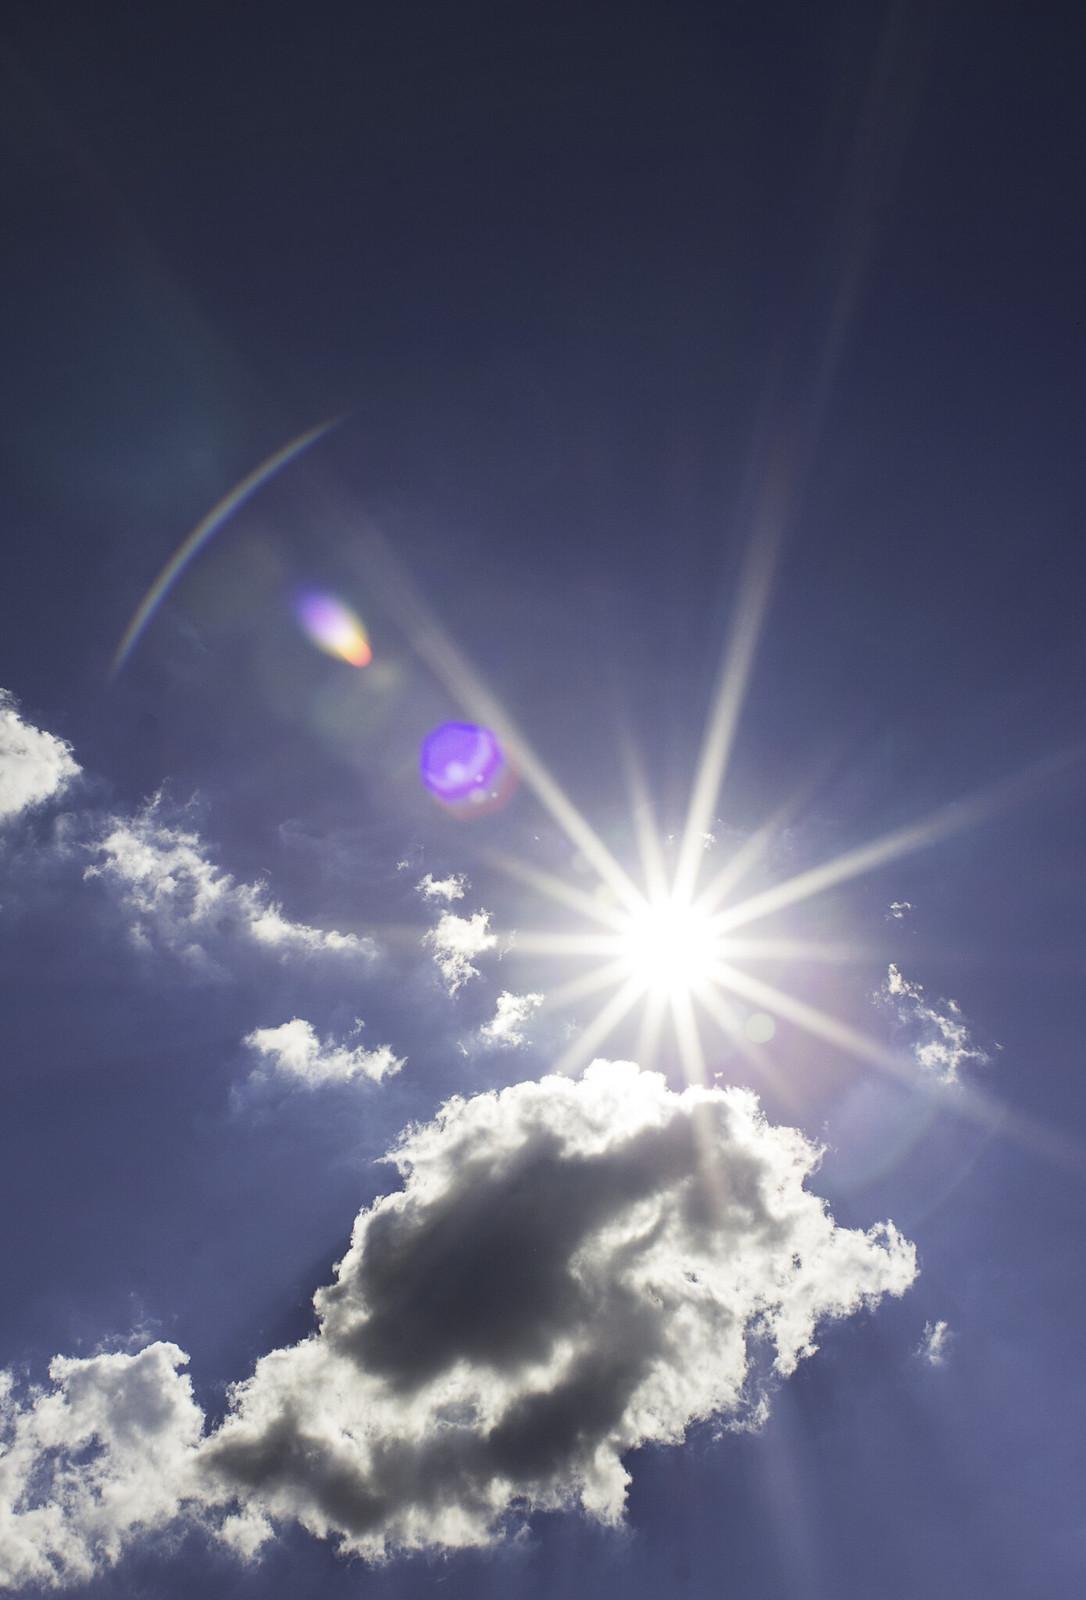 Sun, Canon EOS REBEL T2I, Canon EF 28mm f/1.8 USM